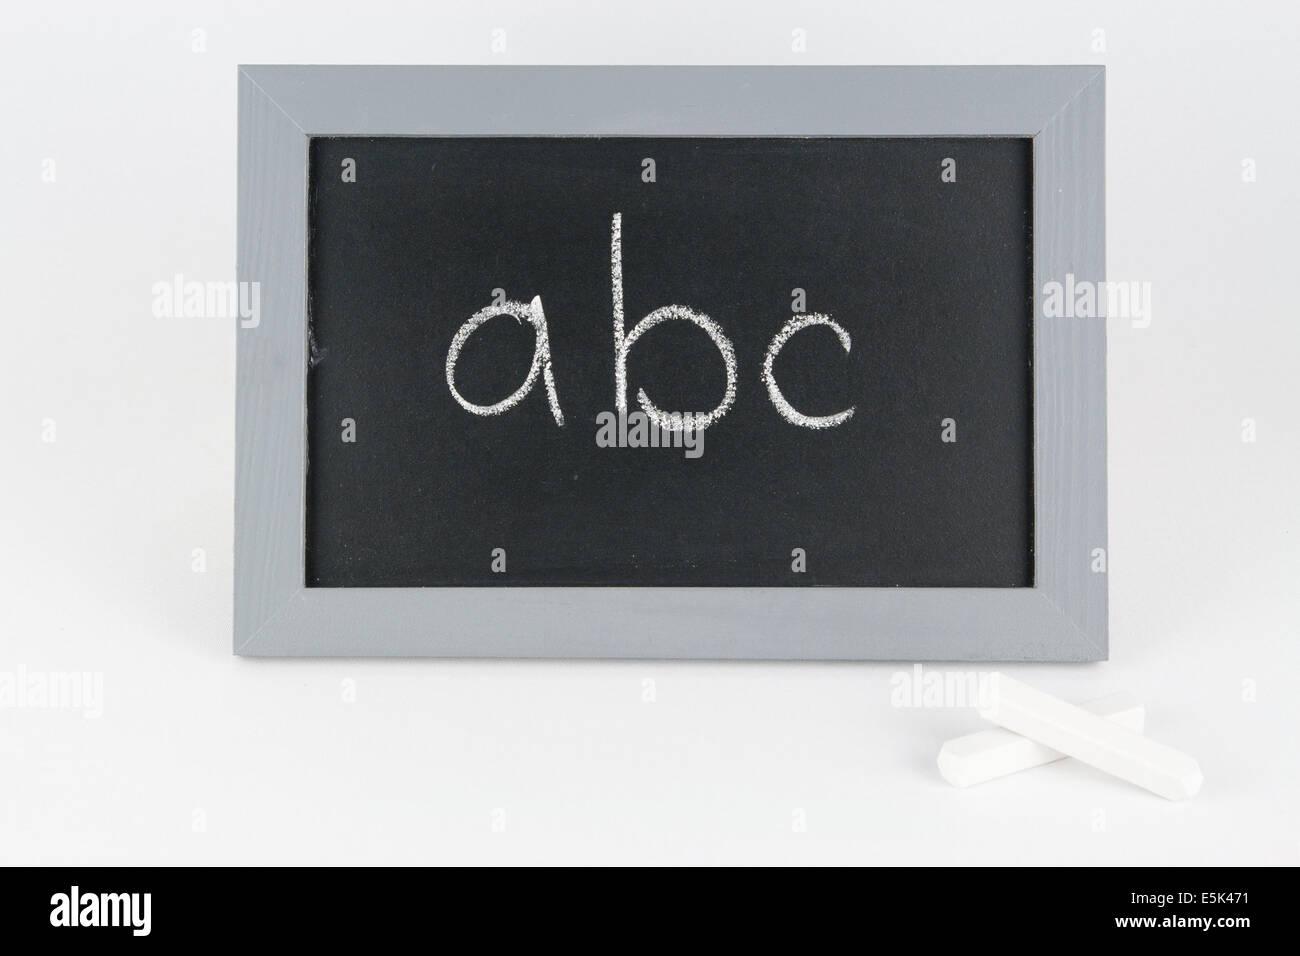 Tafel abc Alphabet Kreide Schule Schultafel Schulkreide Schulkinder schreiben Rechnen Mathe Zahl Zahlen plus gleich Stock Photo